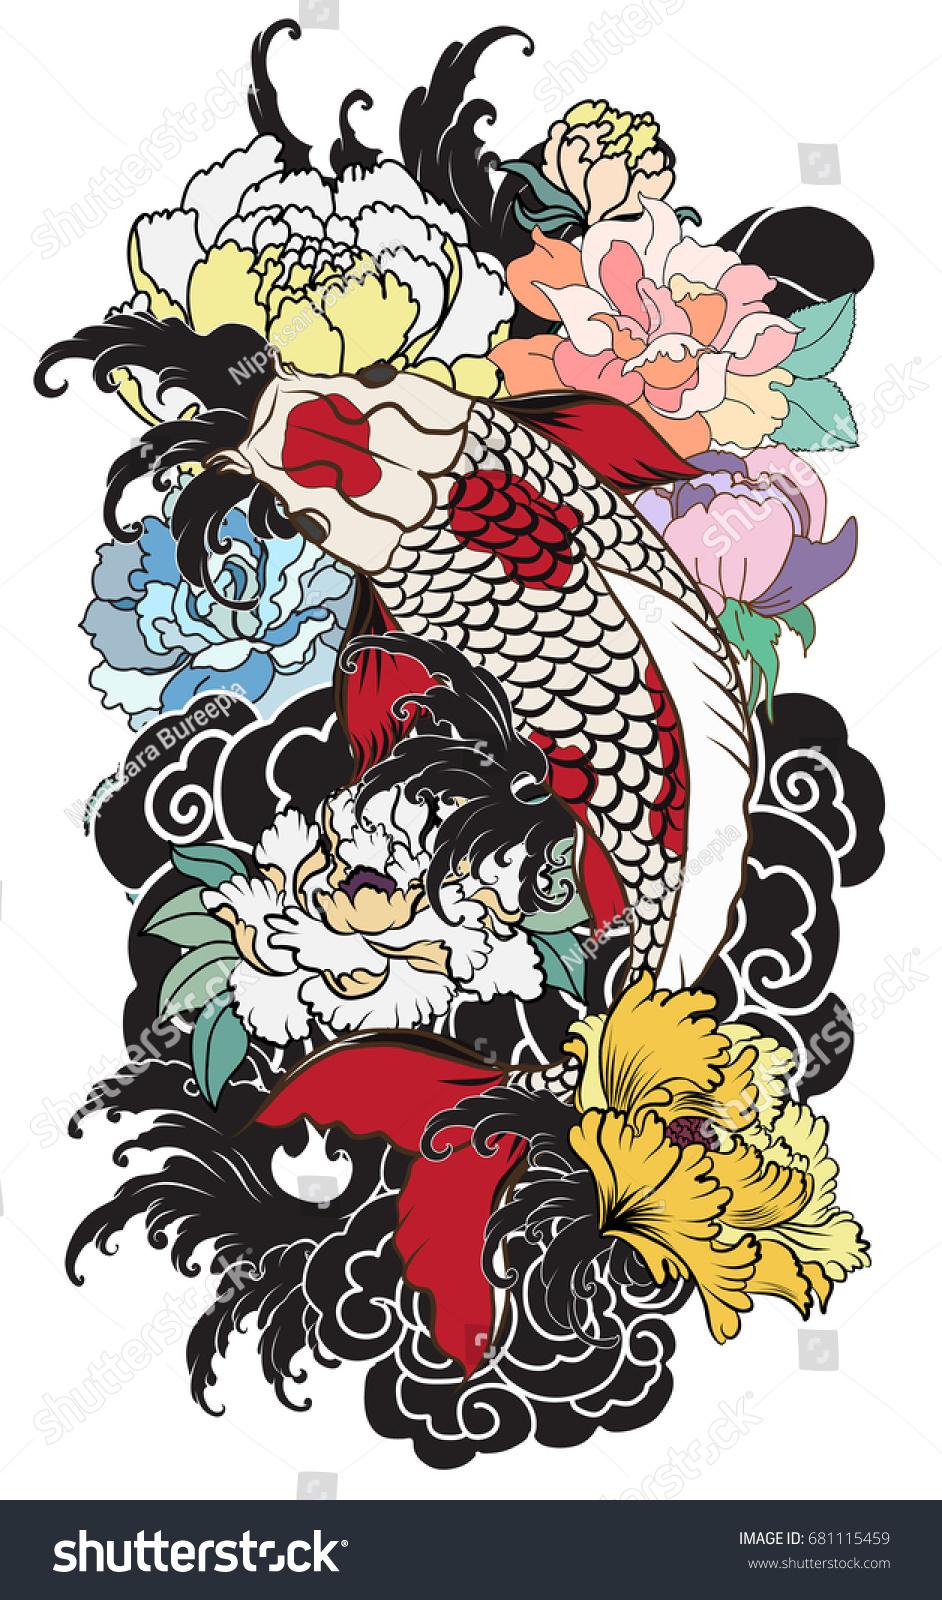 Hand Drawn Koi Fish Flower Tattoo Stock Vector 681115459 - Shutterstock